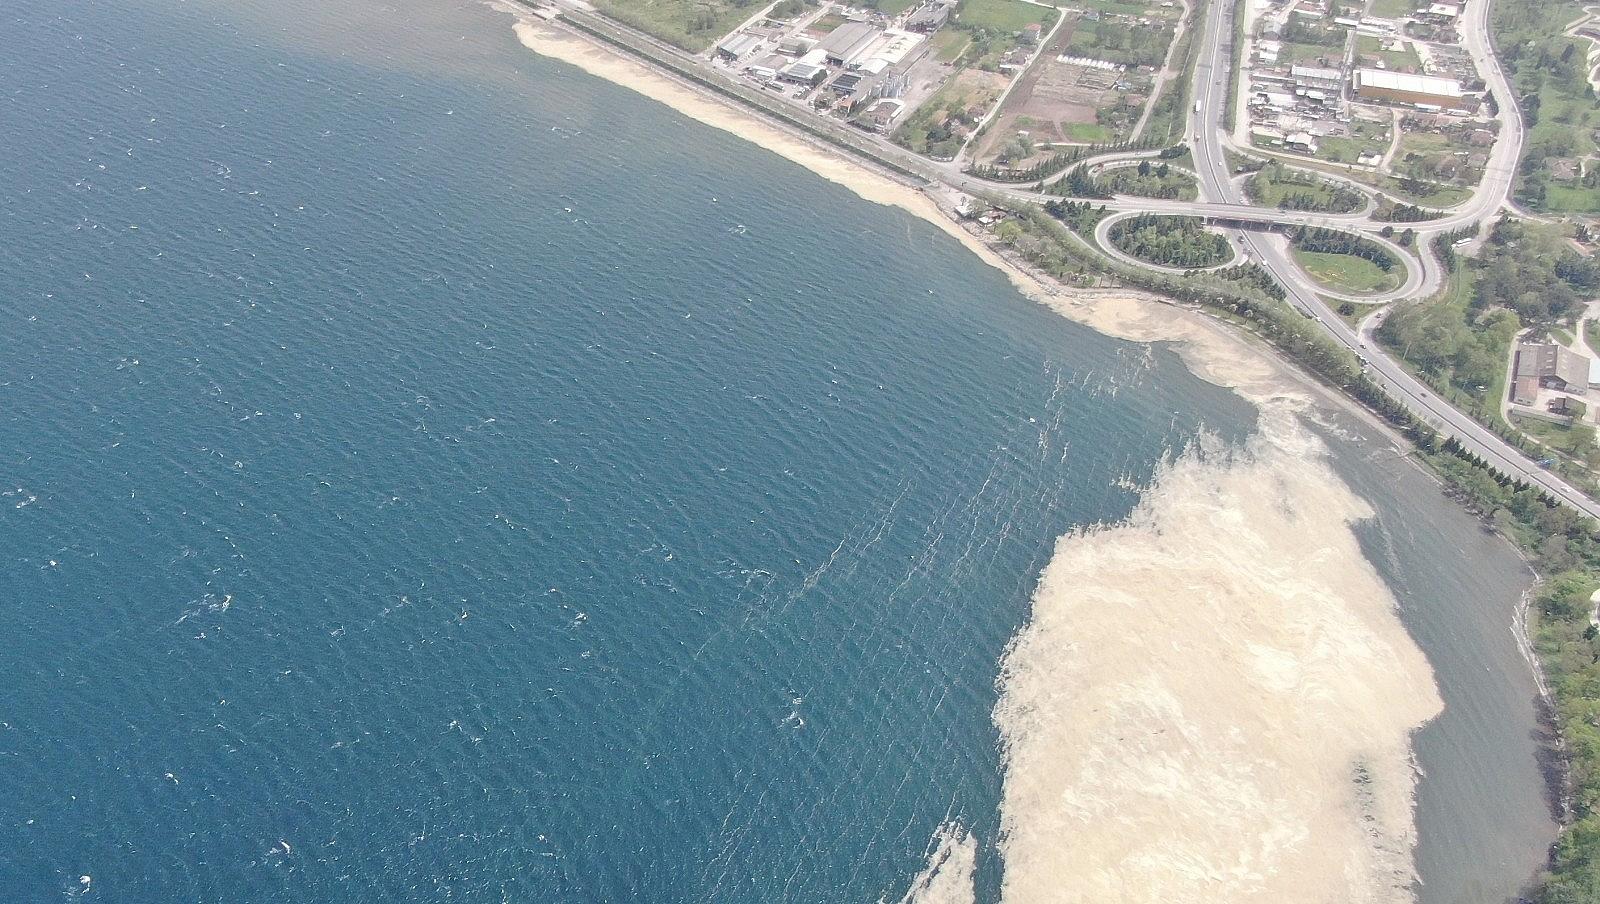 2021/05/izmit-korfezinde-deniz-salyasi-istilasi-artarak-devam-ediyor-20210503AW31-3.jpg